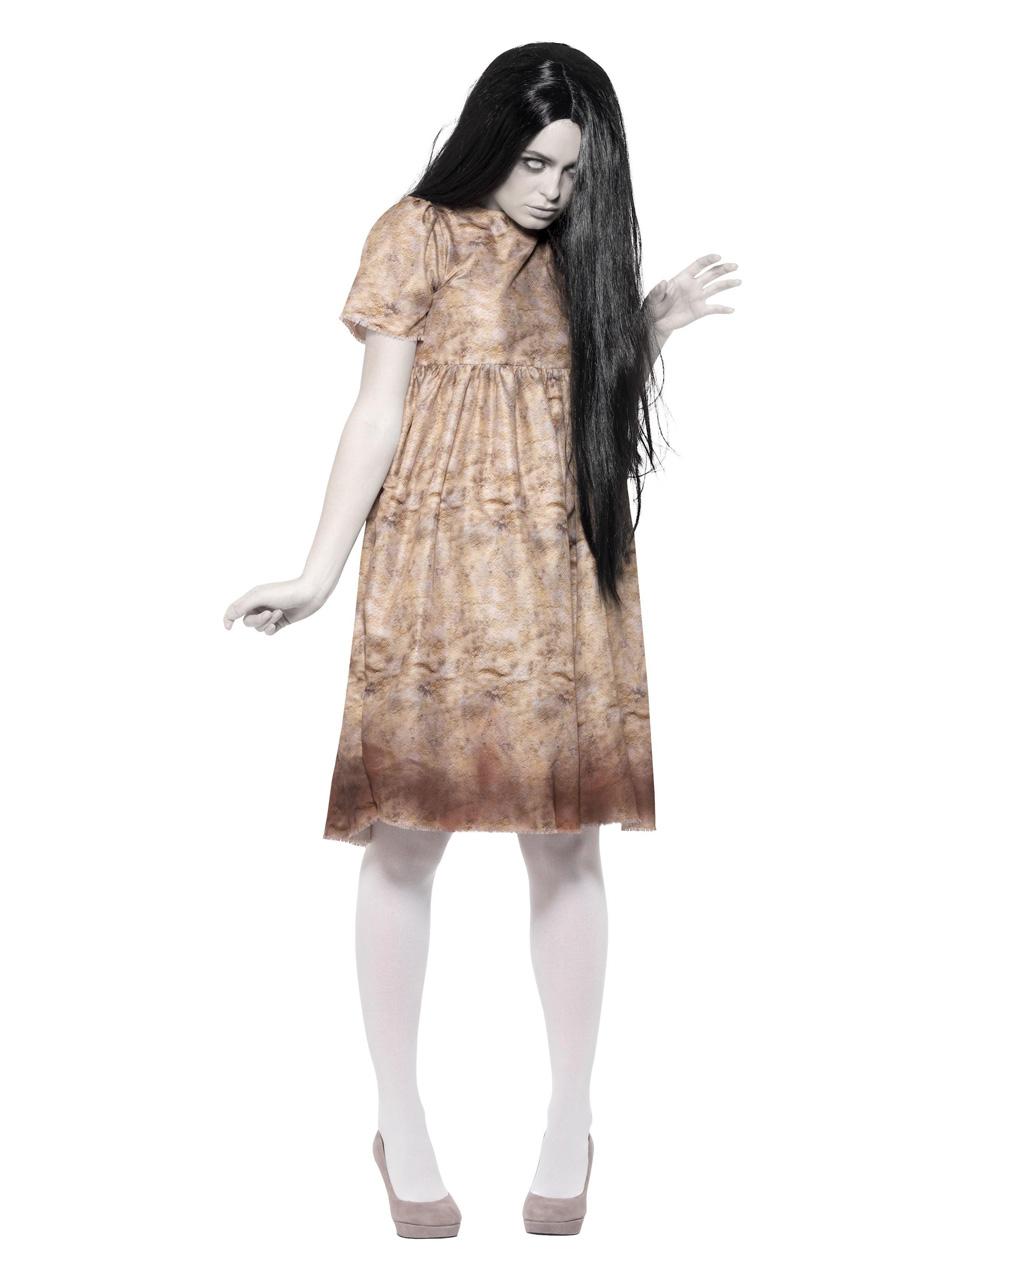 Boser Geist Damenkostum Mit Perucke Fur Halloween Horror Shop Com